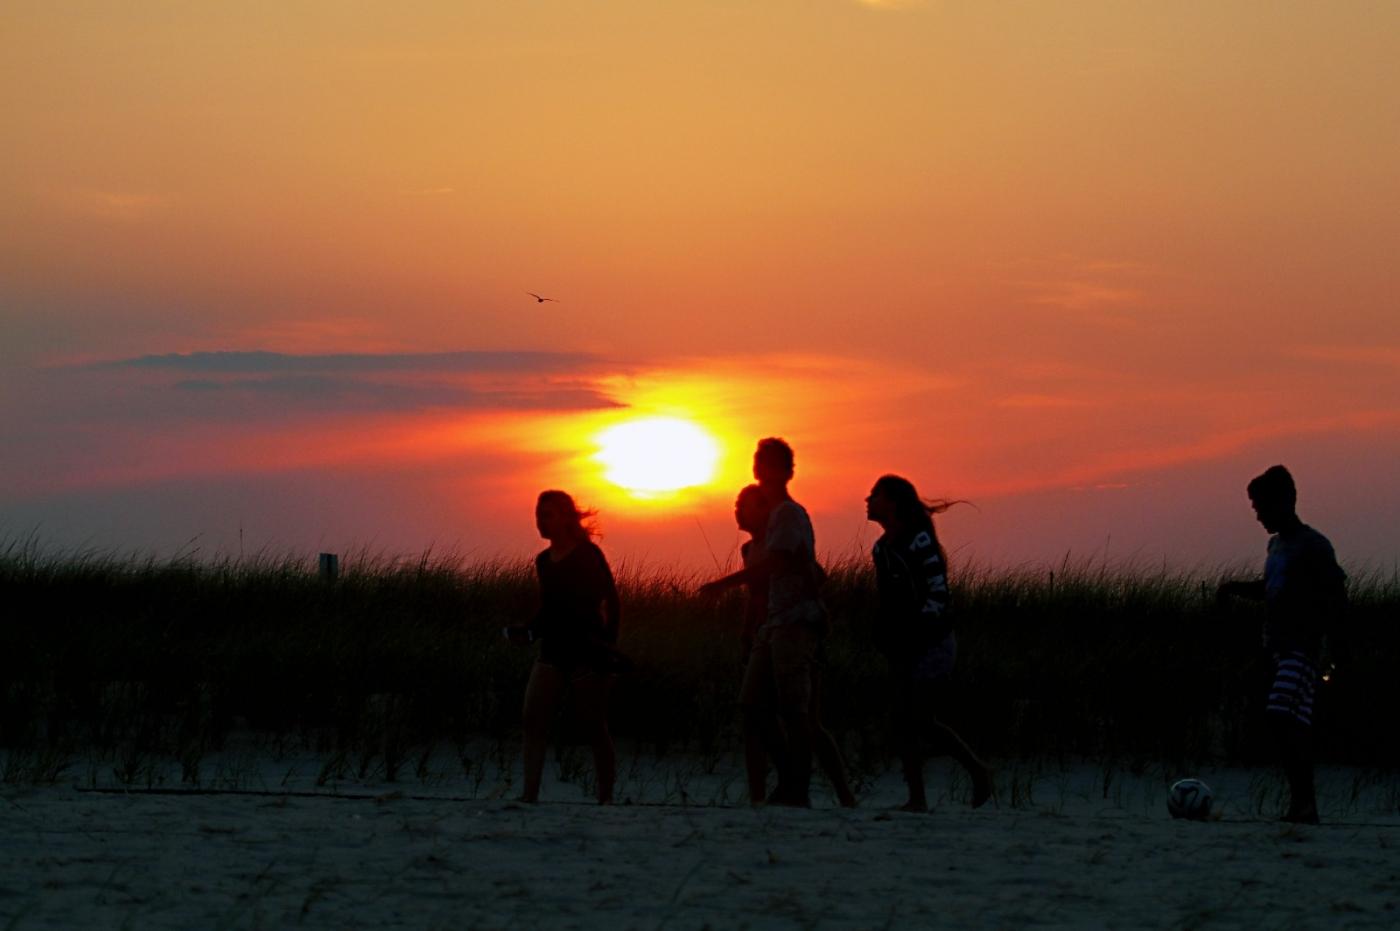 【田螺摄影】写长沙滩的日出日落_图1-11